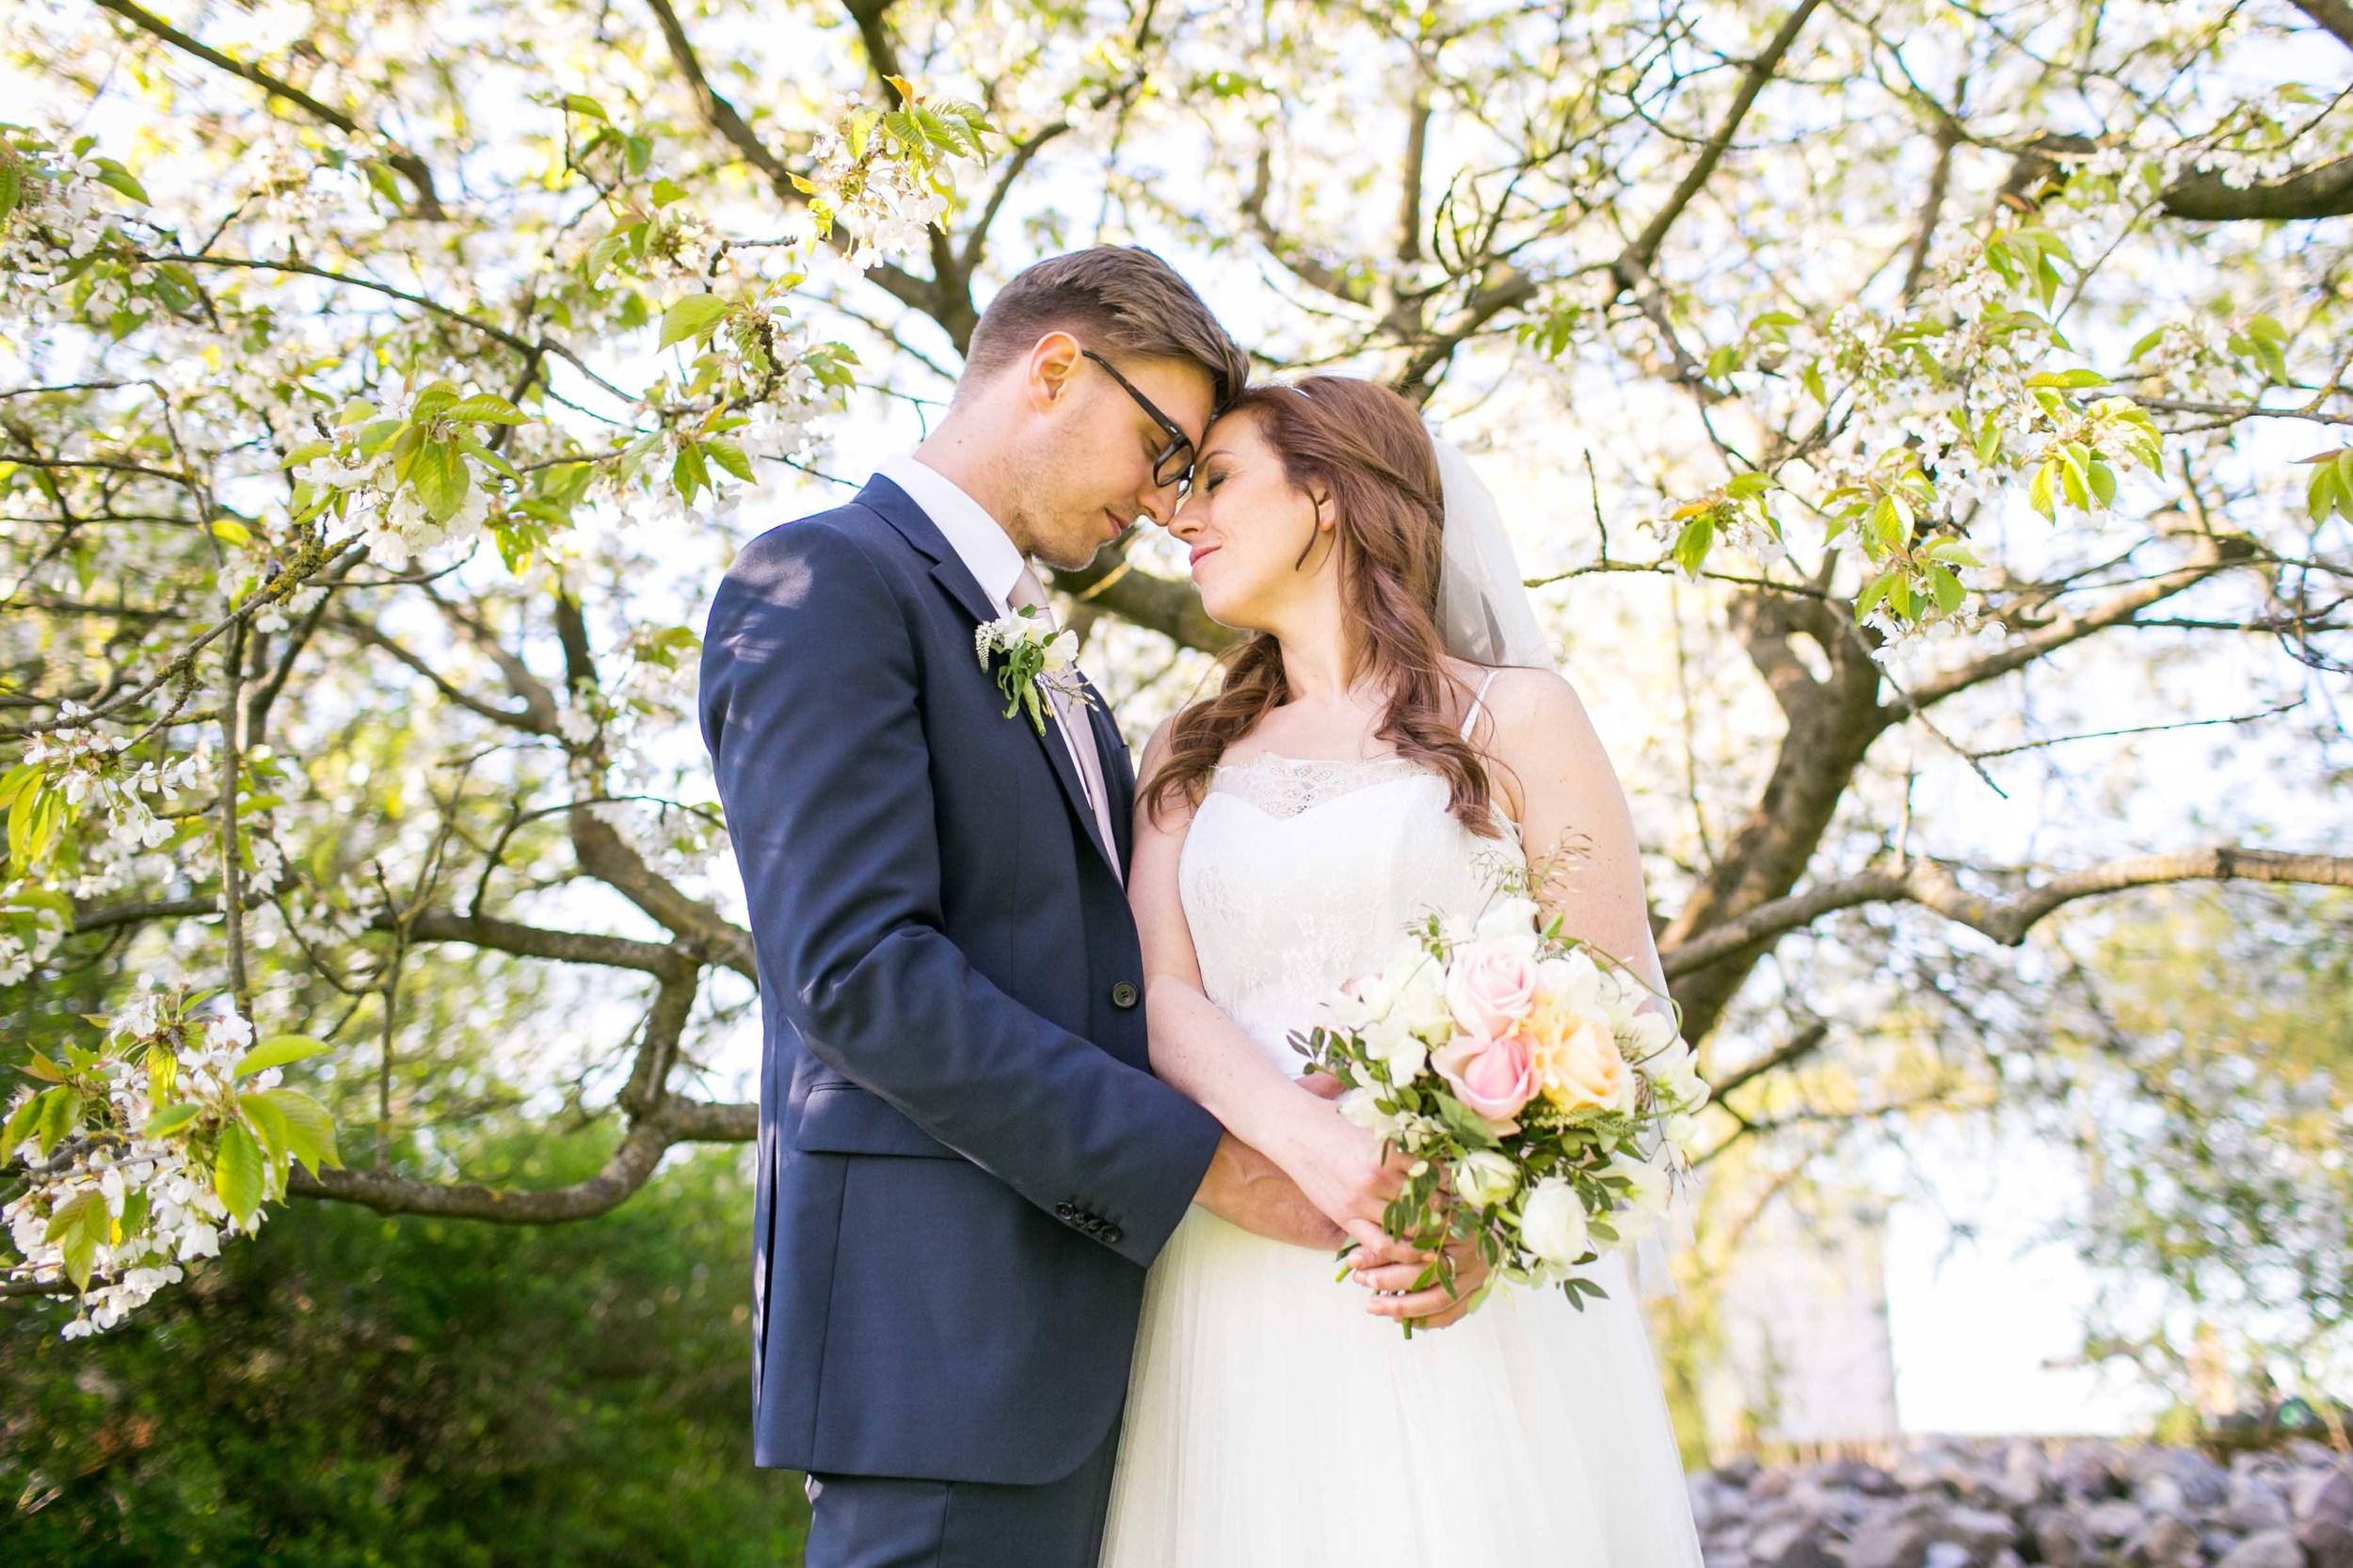 Berlin Hochzeitsfotografin Gartenglueck Wegendorf Hochzeitsreportage-94.jpg